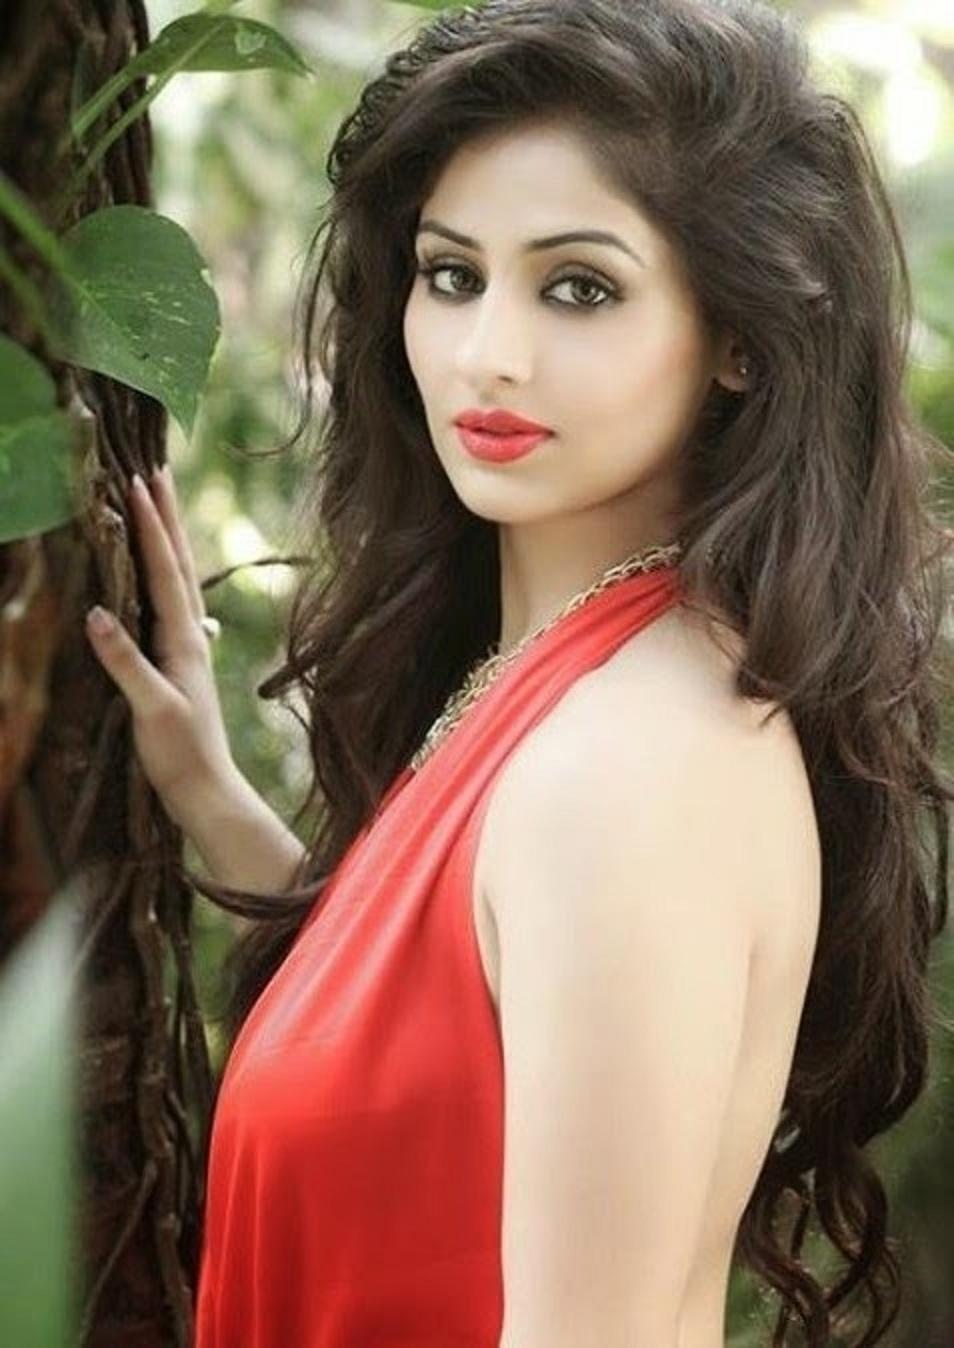 Free Stars Wallpaper: Beautiful Ankita Sharma HD Wallpaper